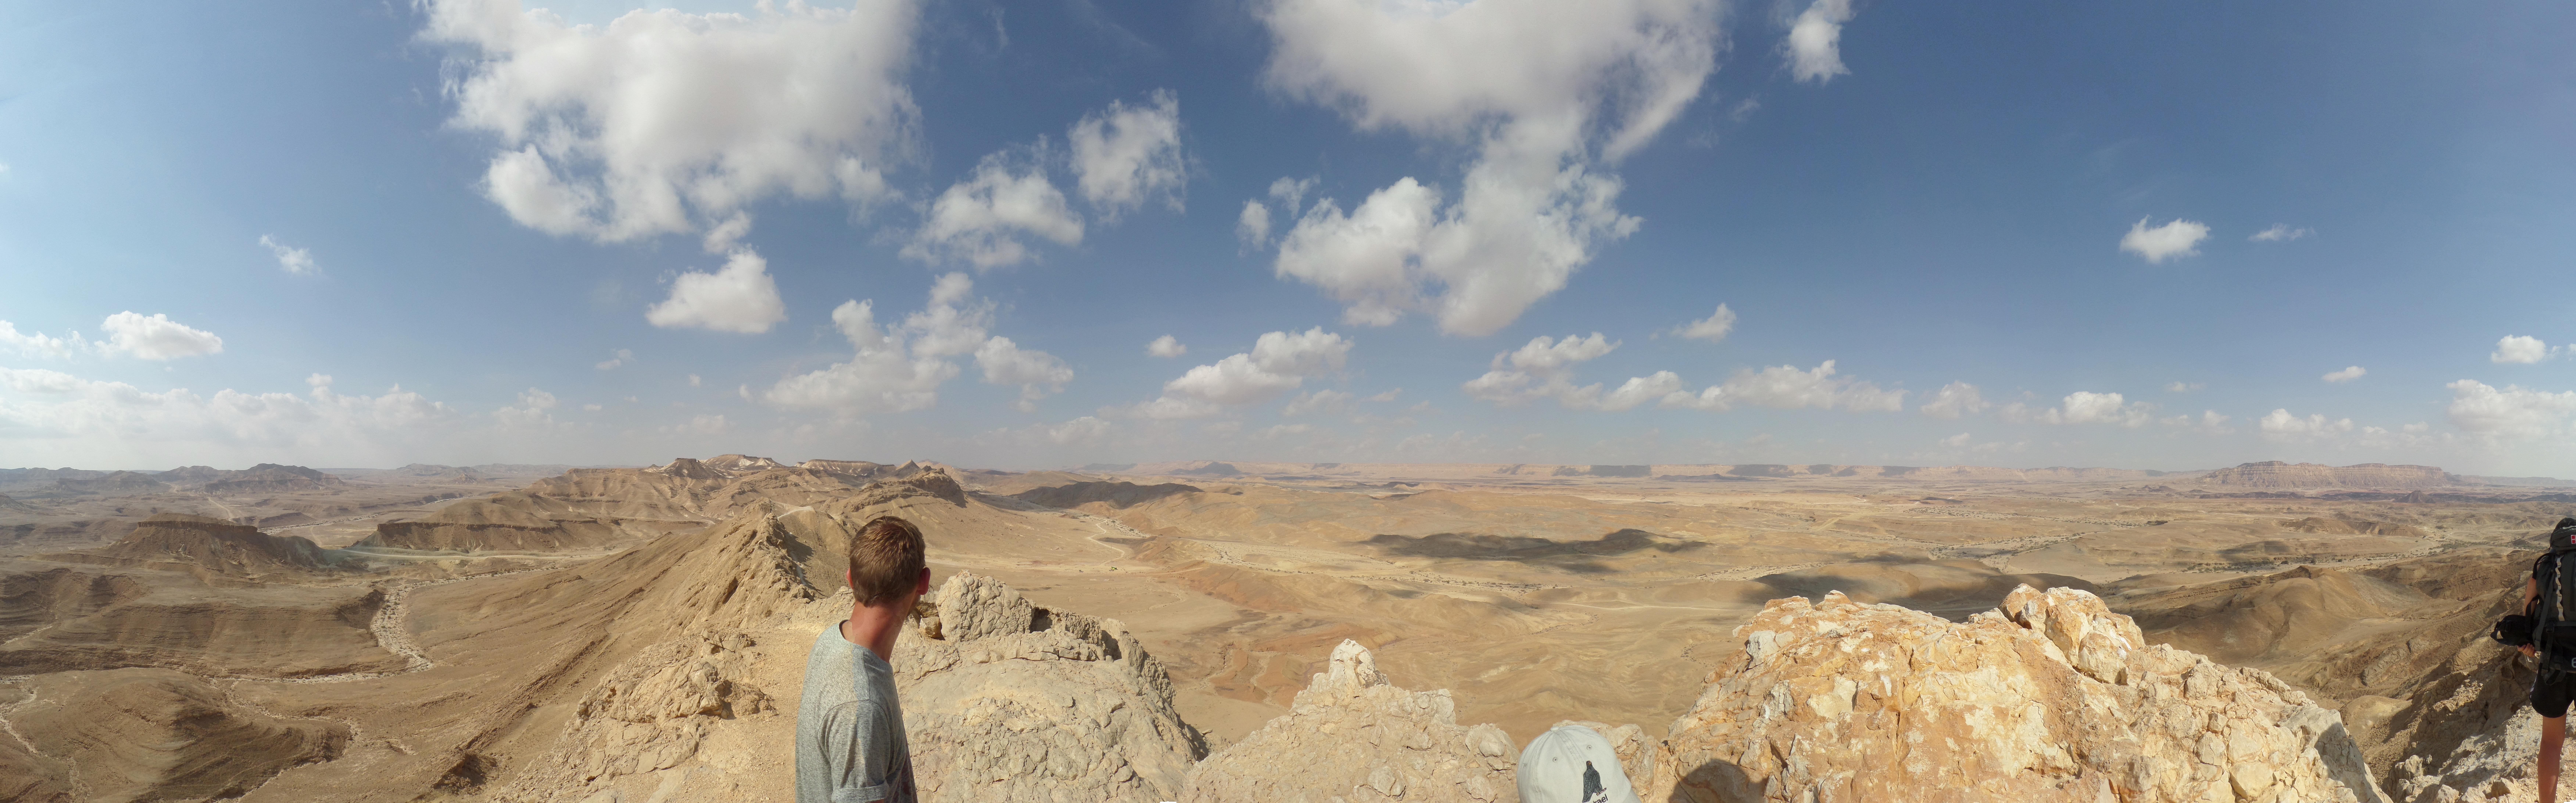 Panorama af udsigt fra højderyg